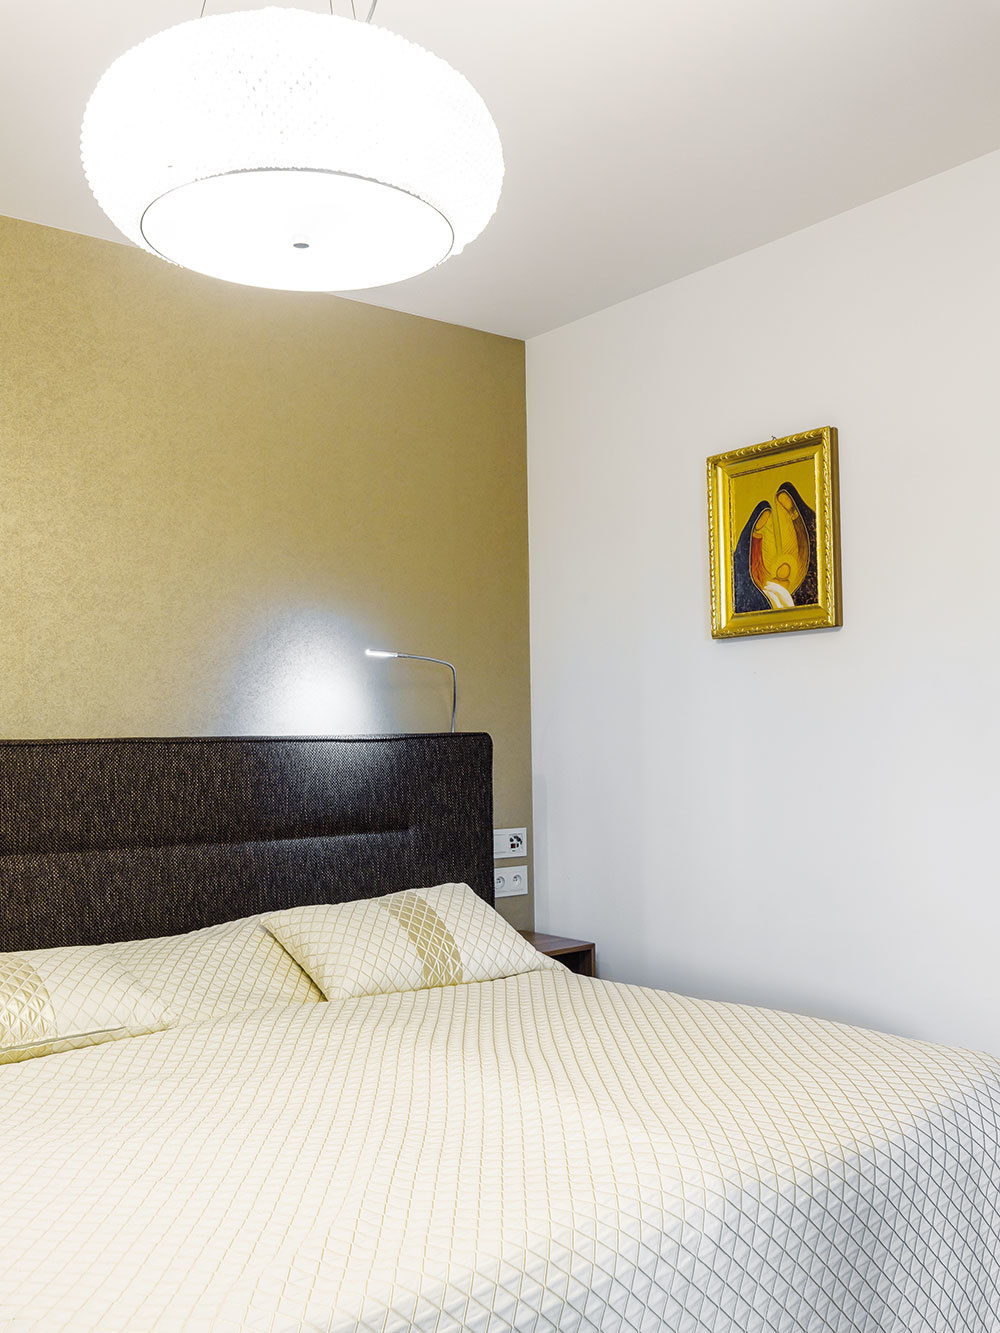 """Kvalitná """"hotelová posteľ"""" bola ďalším rozhodnutím, pri ktorom domáca pani nezaváhala. """"V hoteloch som sa totiž obvykle vyspala najlepšie,"""" zdôvodňuje. Tzv. boxspringová alebo kontinentálna posteľ pochádza zo severských štátov. Podstata tohto veľmi komfortného riešenia spočíva v dvoch robustných pružinových matracoch uložených na sebe. Vďaka výberu z viacerých typov a tvrdostí dokáže takáto posteľ perfektne vyhovieť rôznym požiadavkám."""